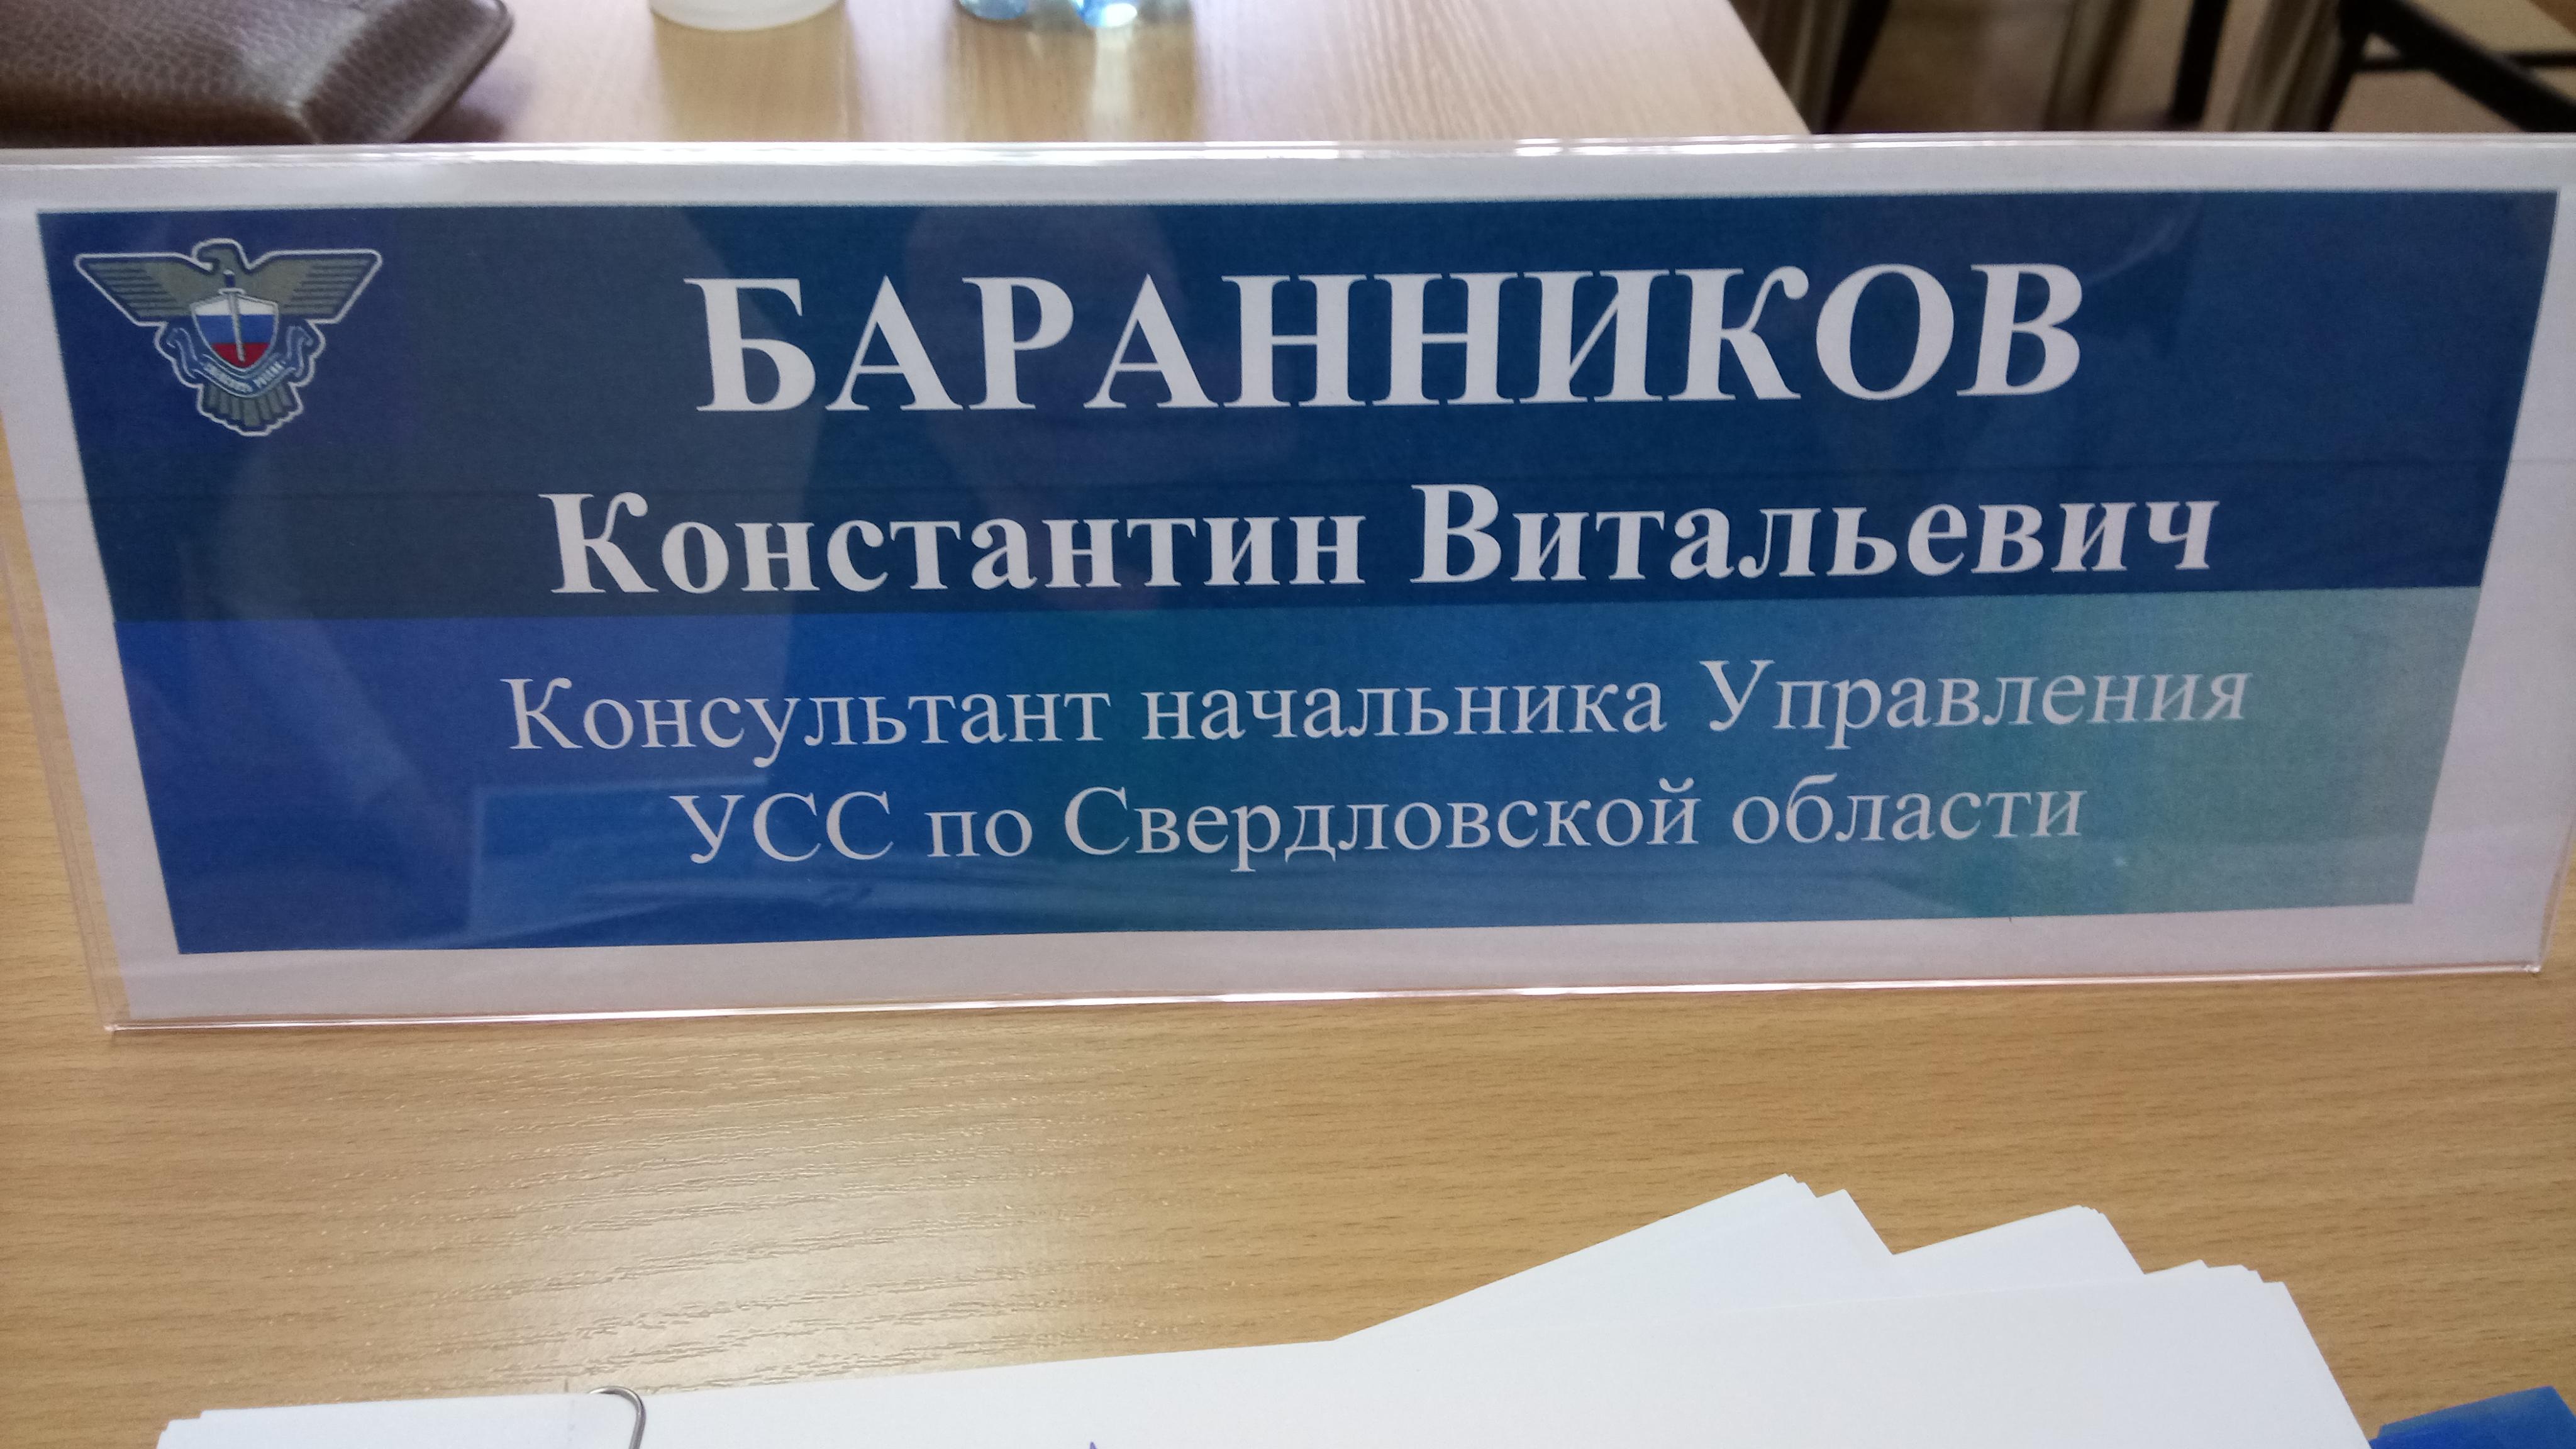 Региональное совещание руководителей УСС